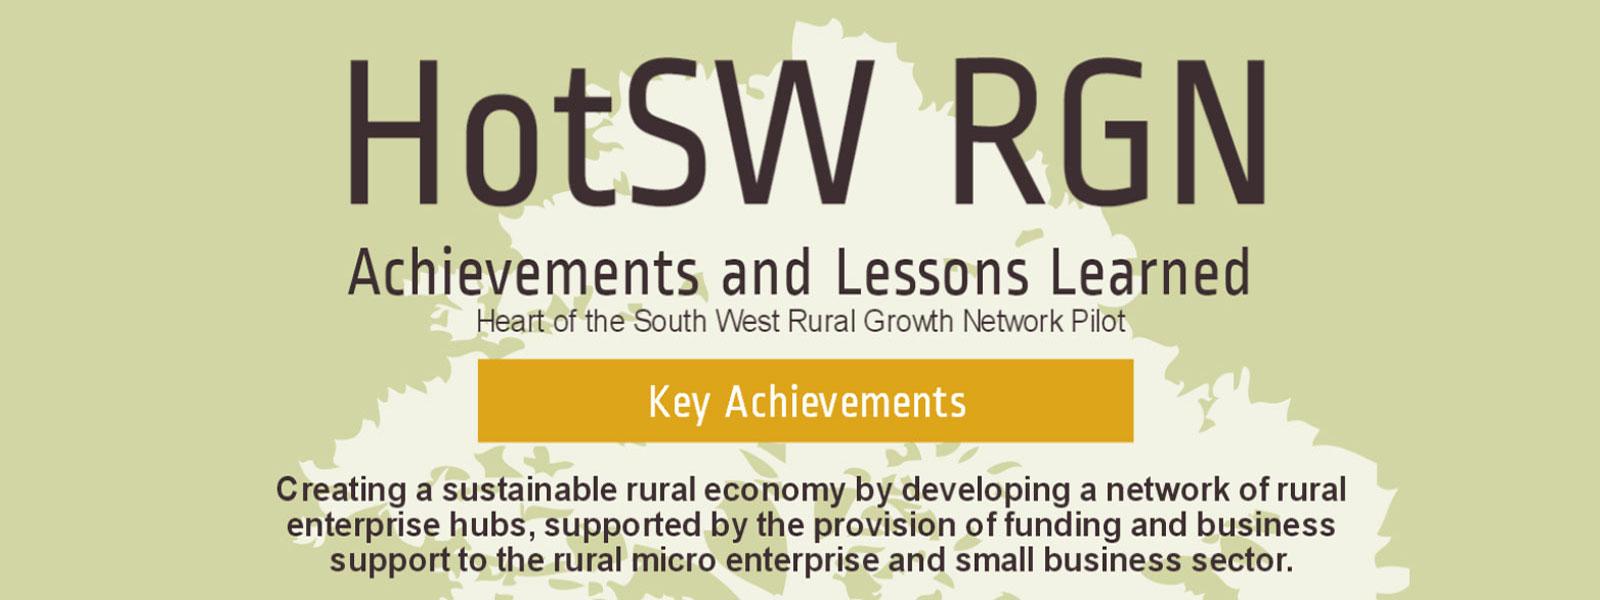 Regional Growth Network